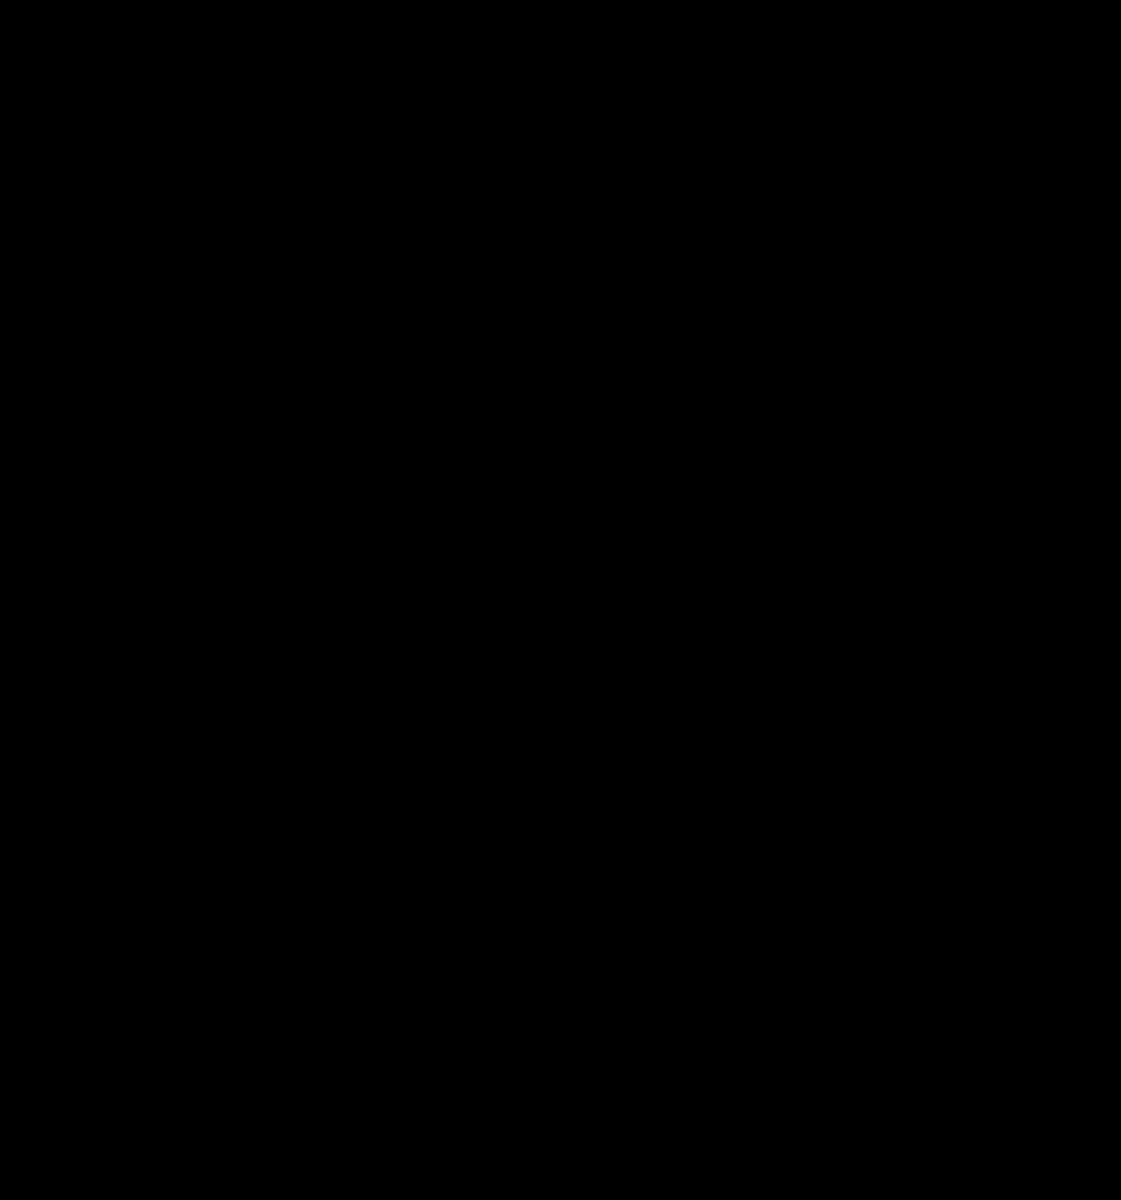 Ditto – Vogelhuis met 2 Vogel Sleutelhangers Wit – Roze / Samenwonen Cadeau / Muurdecoratie